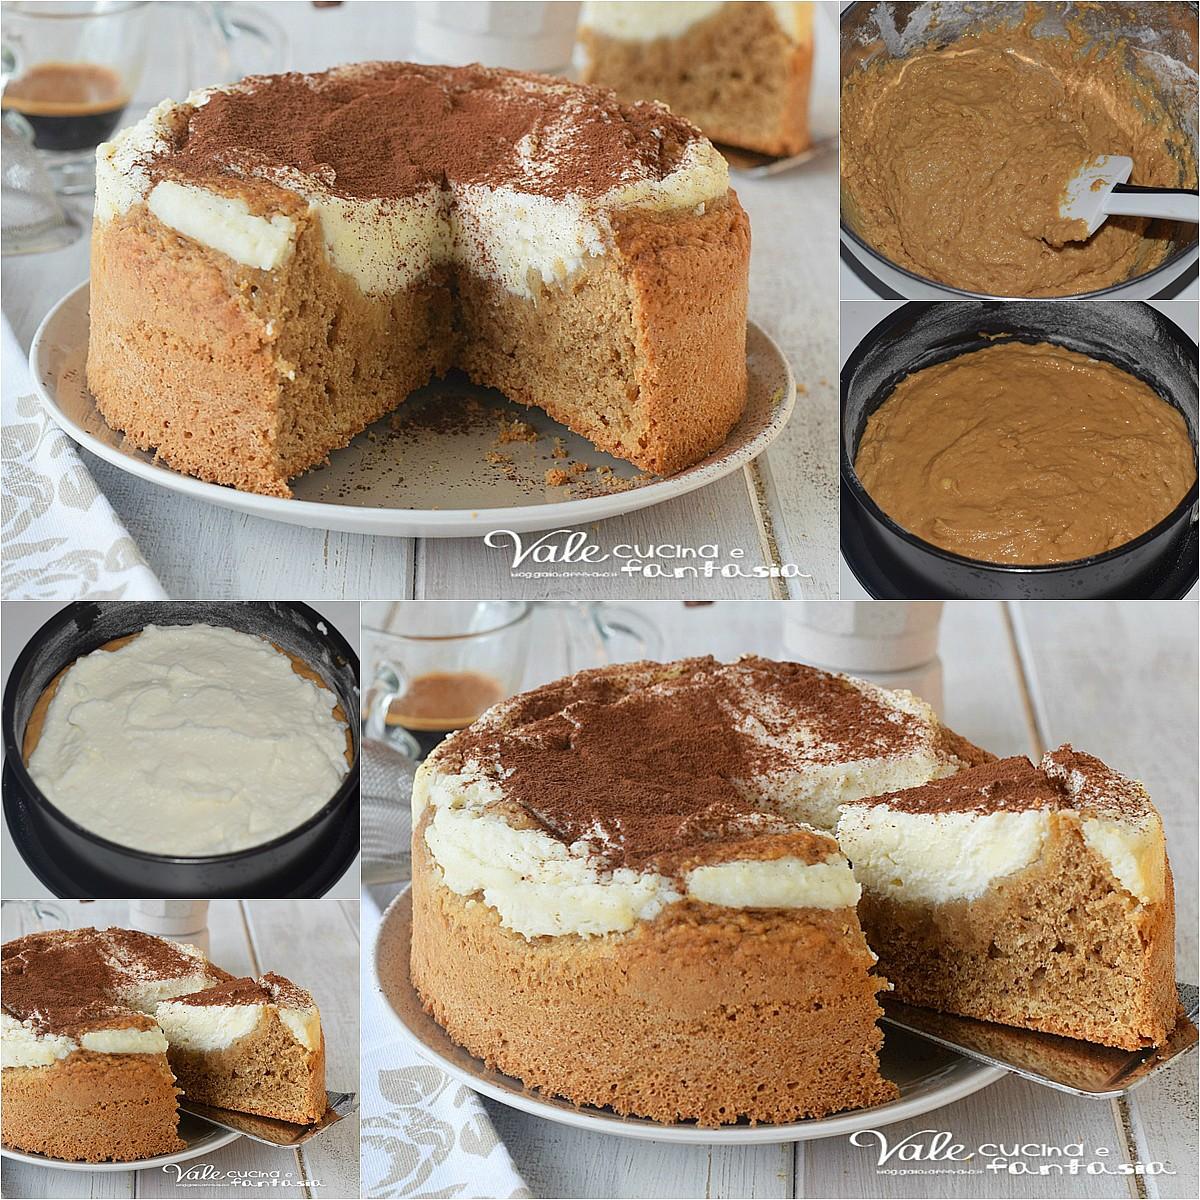 RICOTTA CAKE AL CAFFE ricetta senza burro e olio